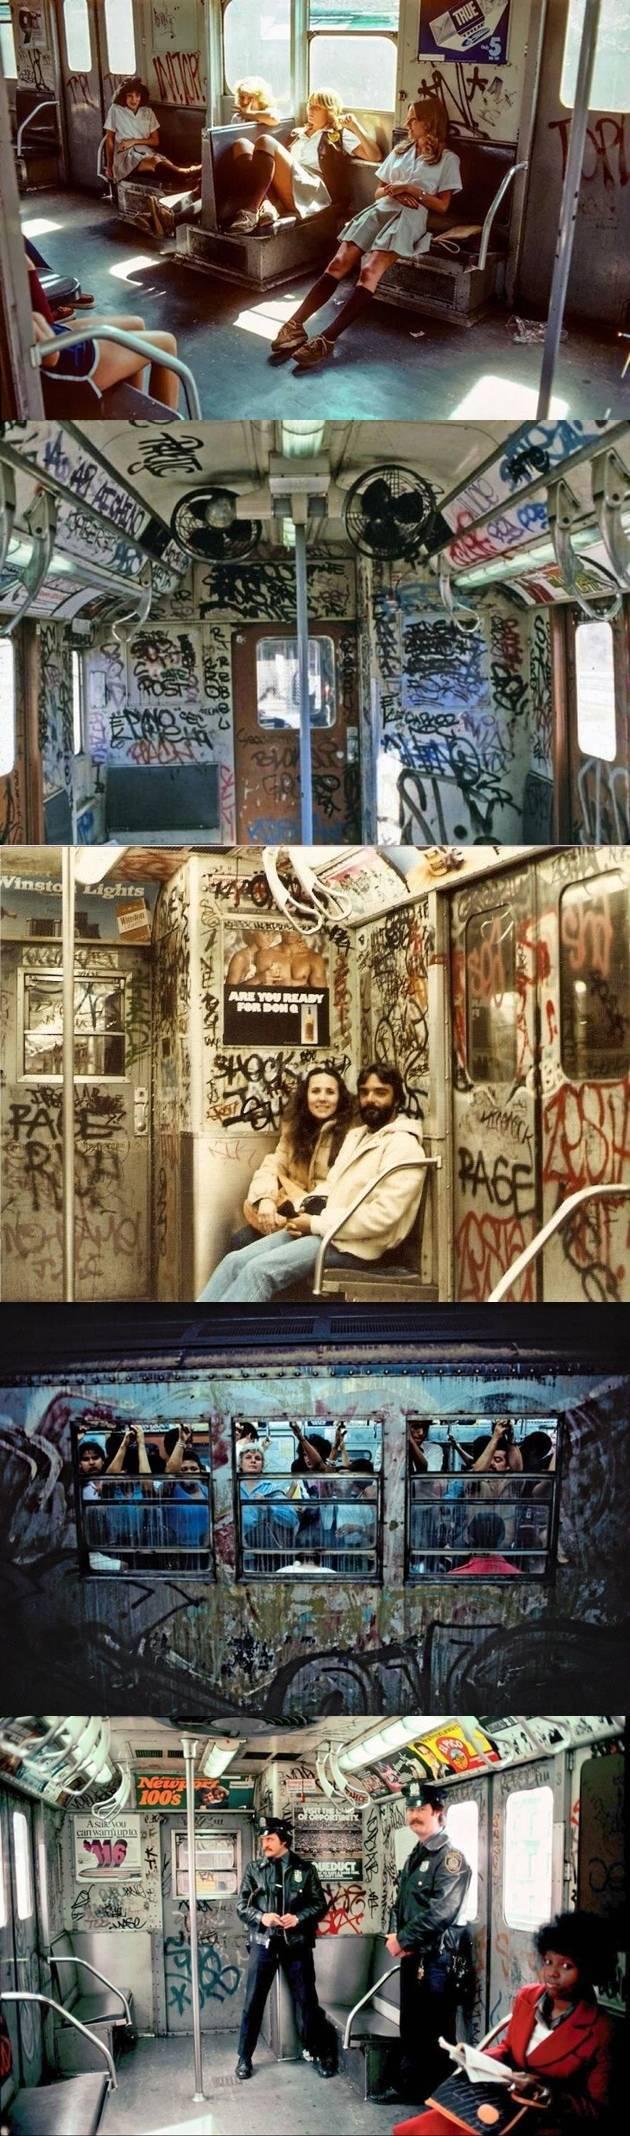 80년대 뉴욕 지하철의 모습 | 인스티즈